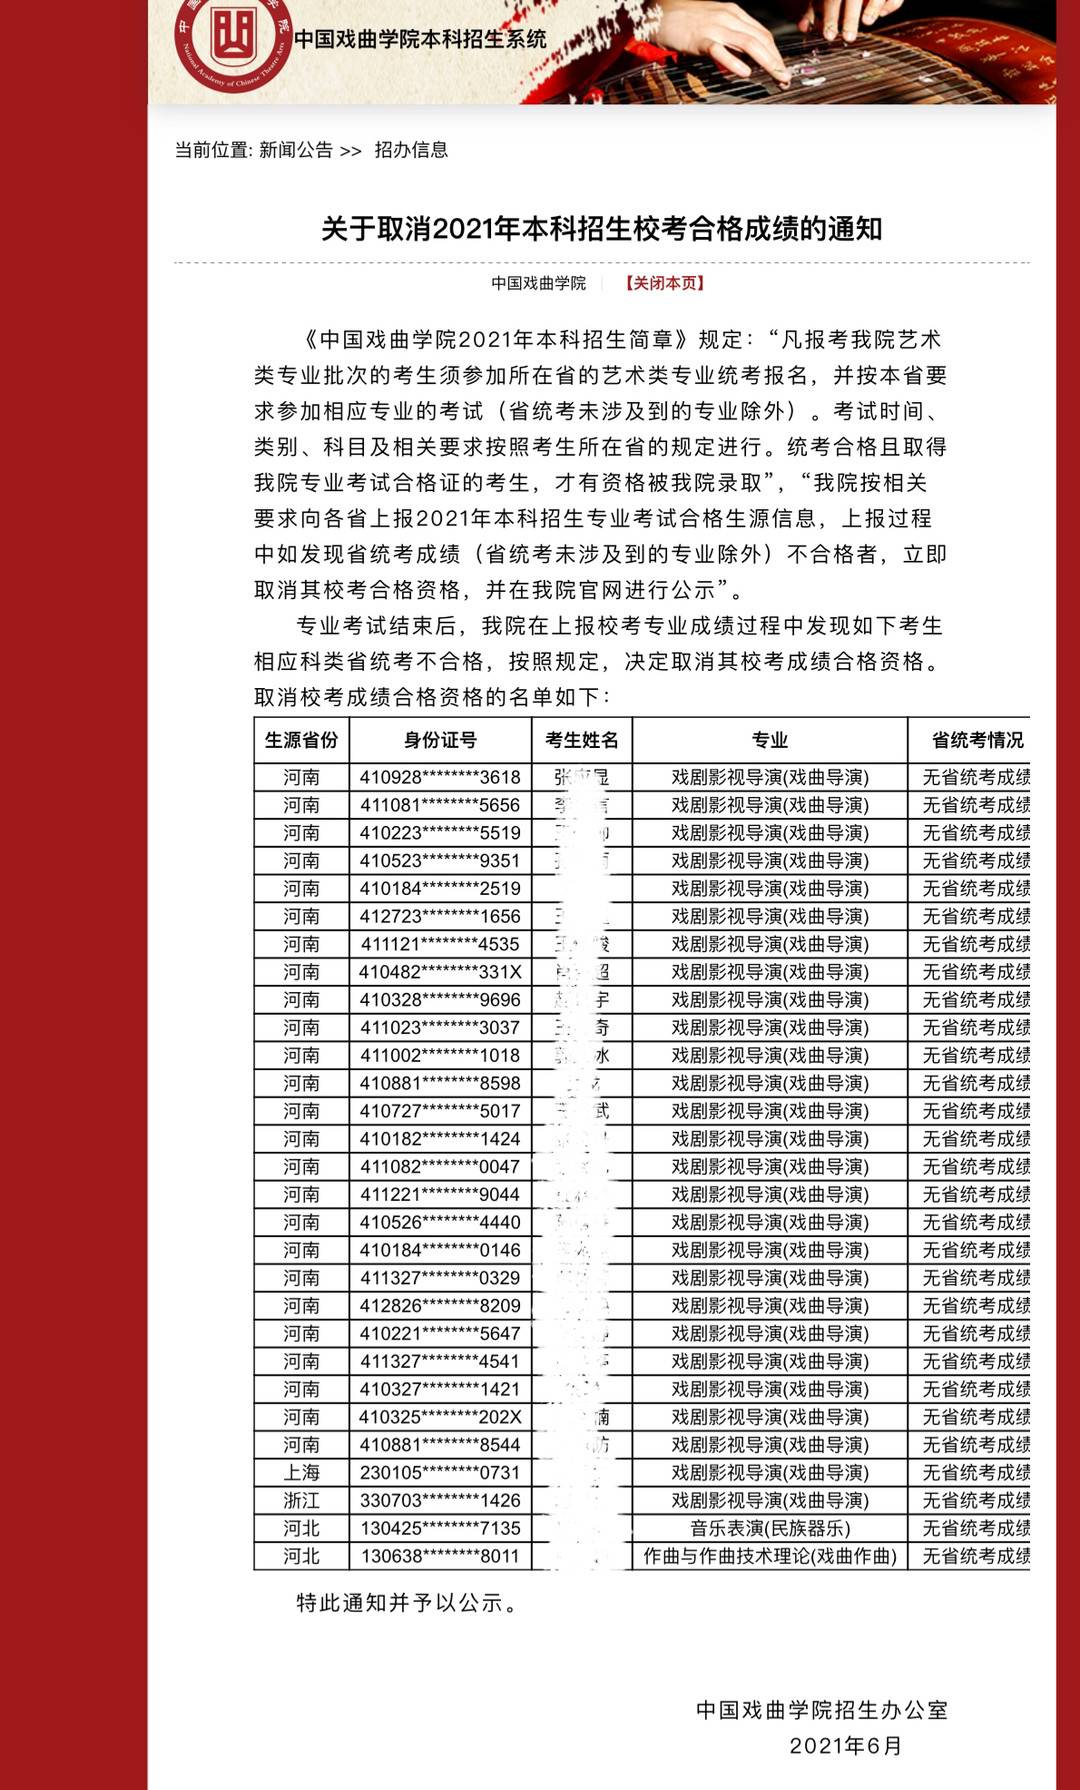 中国戏曲学院:取消29名艺术类专业考生校考合格成绩